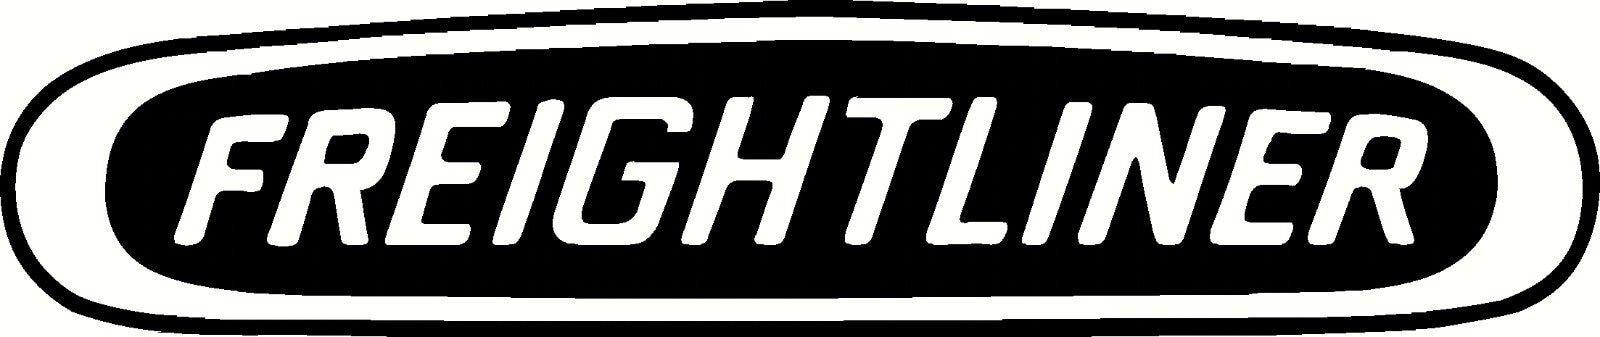 Freightliner Badge Decal Window  Sticker Emblem 22x5cm